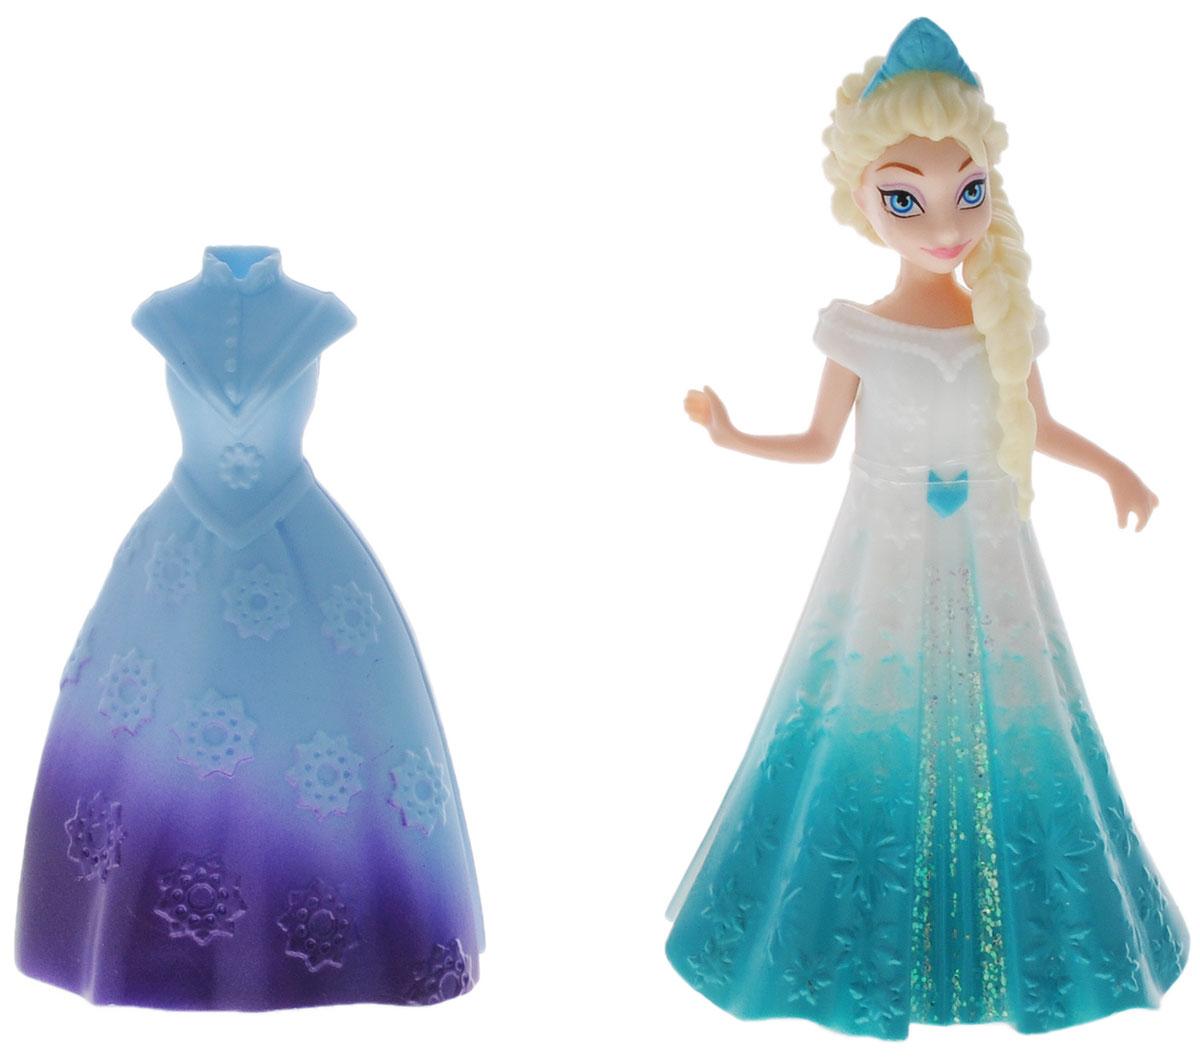 Disney Princess Мини-кукла Принцесса Эльза с платьемY9969/Y9971Мини-кукла Disney Princess Принцесса Эльза с платьем непременно порадует вашу малышку и доставит ей много удовольствия от часов, посвященных игре с ней. Куколка выполнена из пластика в виде очаровательной принцессы Эльзы. Ручки, ножки и голова куколки подвижны. Одета куколка в снимающееся блестящее бело-бирюзовое платье. В комплект также входит роскошное голубое платье, оформленное рельефным узором в виде снежинок. Оба наряда выполнены из мягкого пластика по специальной технологии MagiClip, благодаря которой они легко снимаются и одеваются. Ваша малышка с удовольствием будет играть с этой куколкой, проигрывая сюжеты из мультфильма и придумывая различные истории.